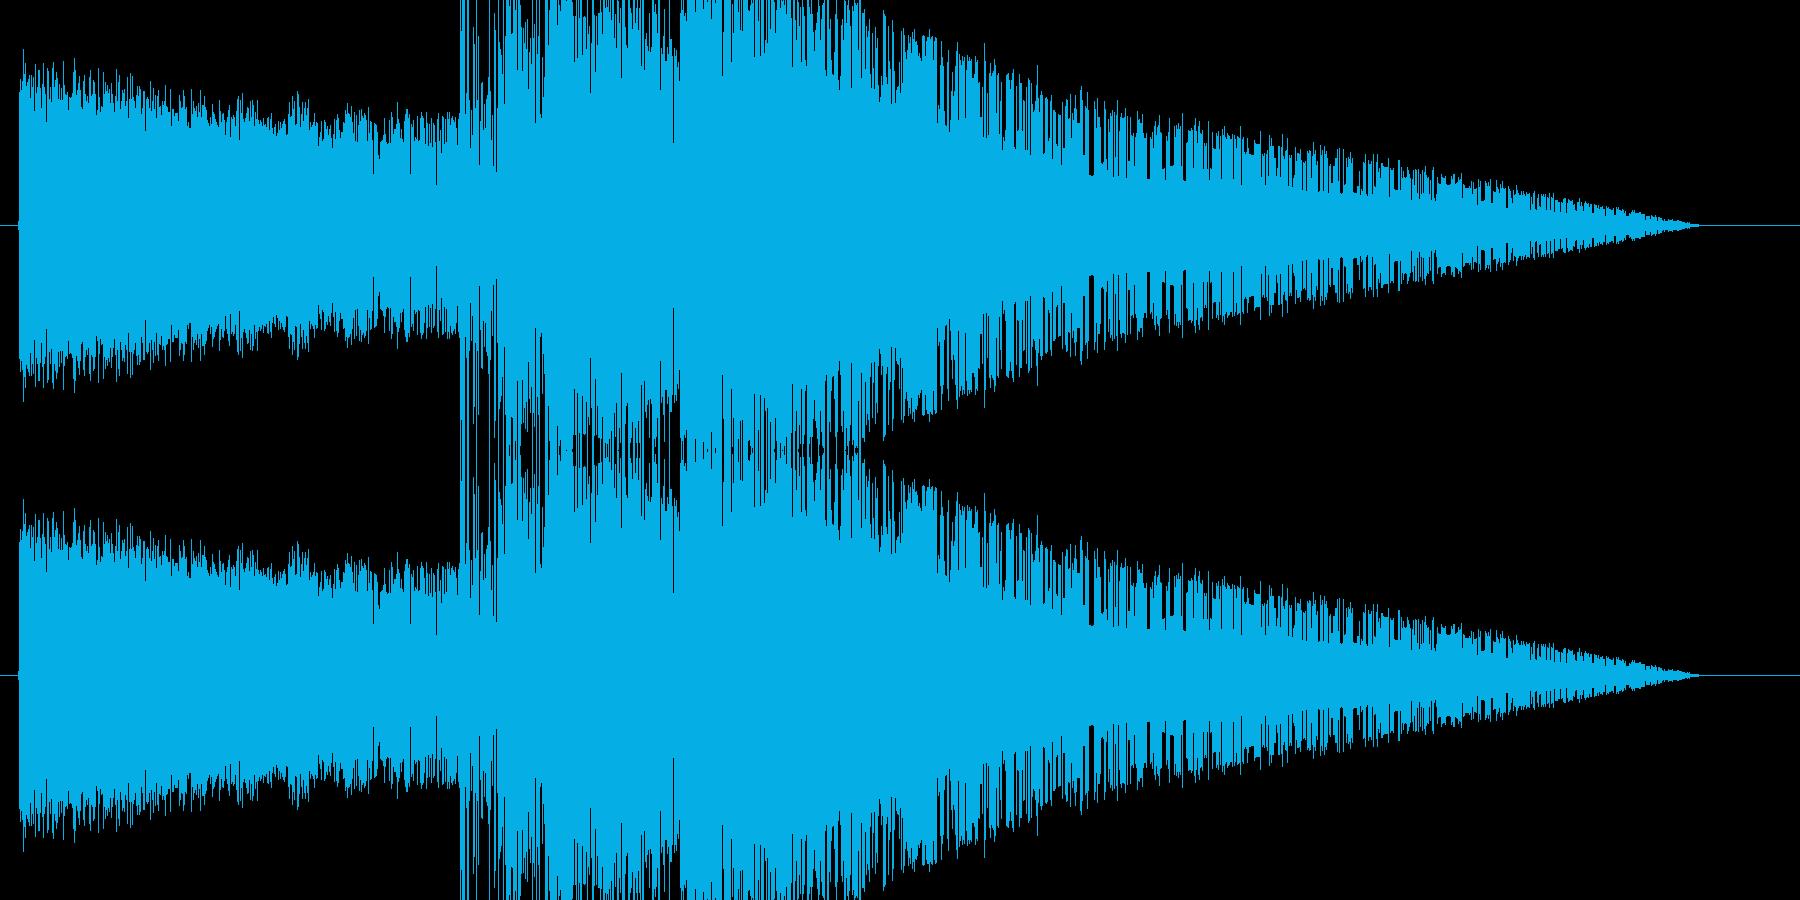 レトロゲーム風魔法雷系3の再生済みの波形